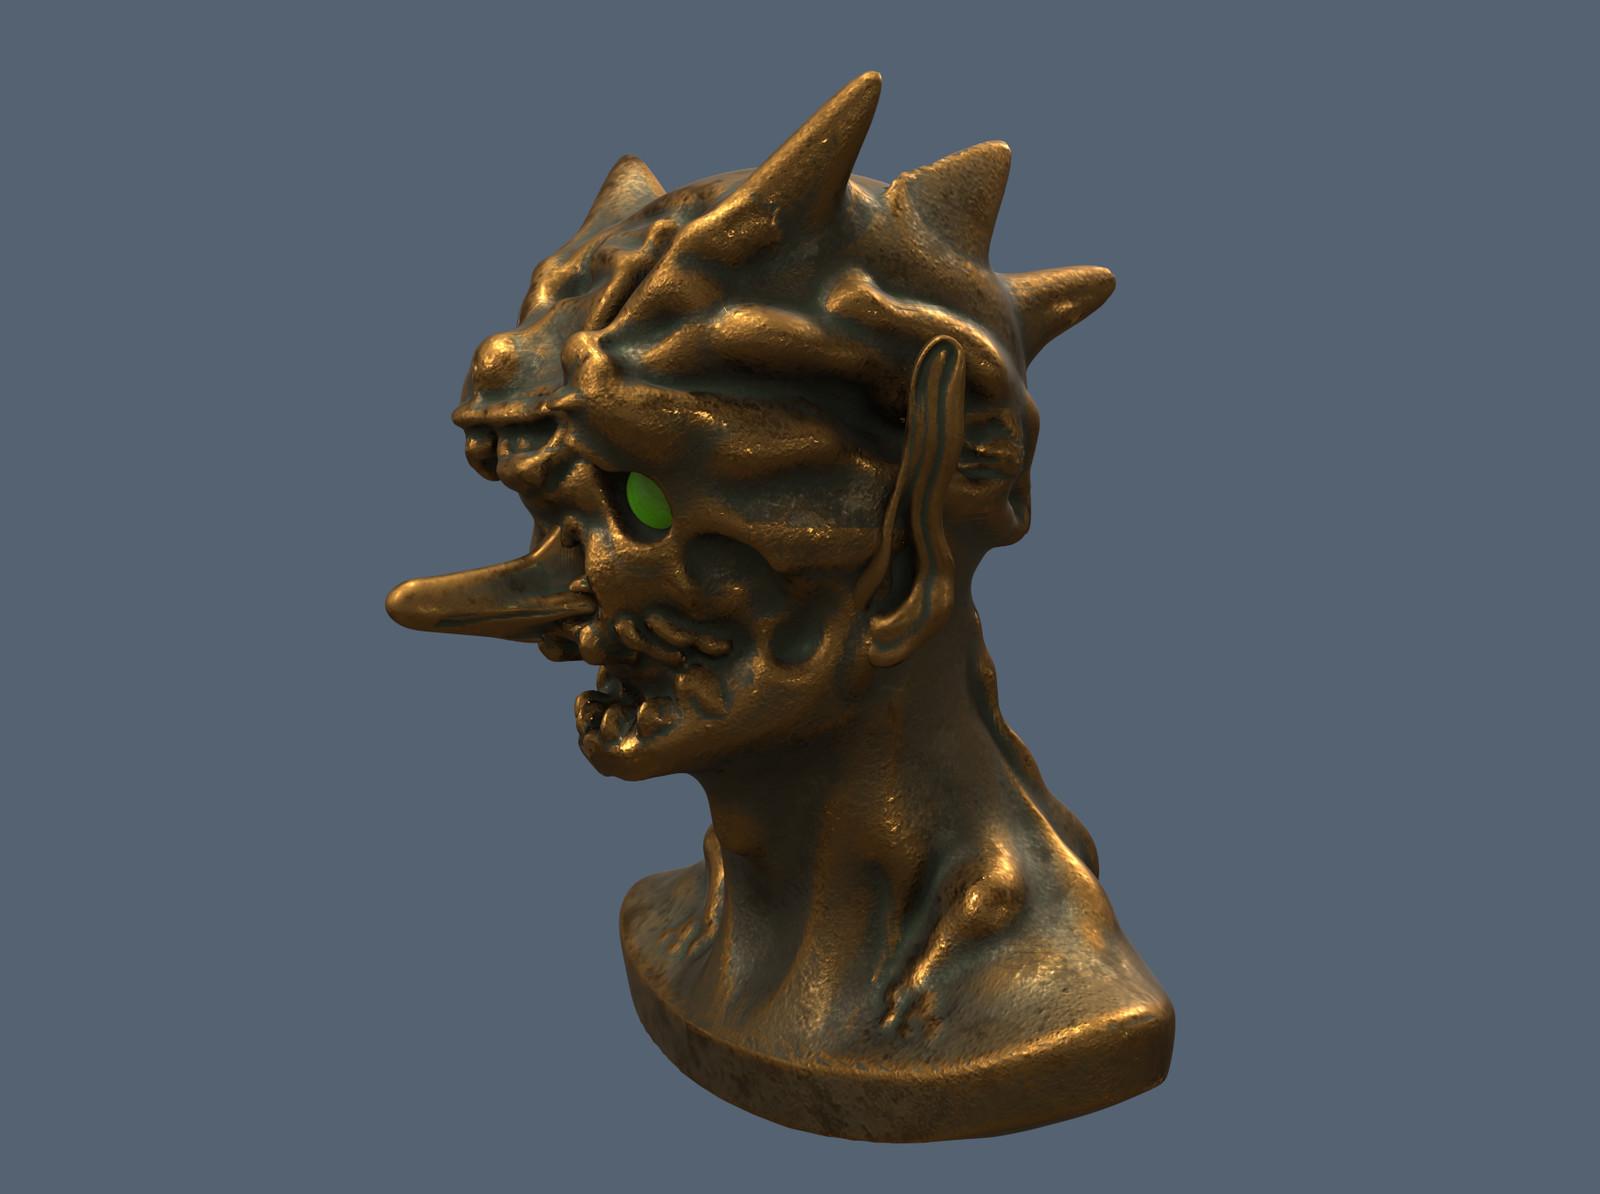 3D Sculpt before paint over